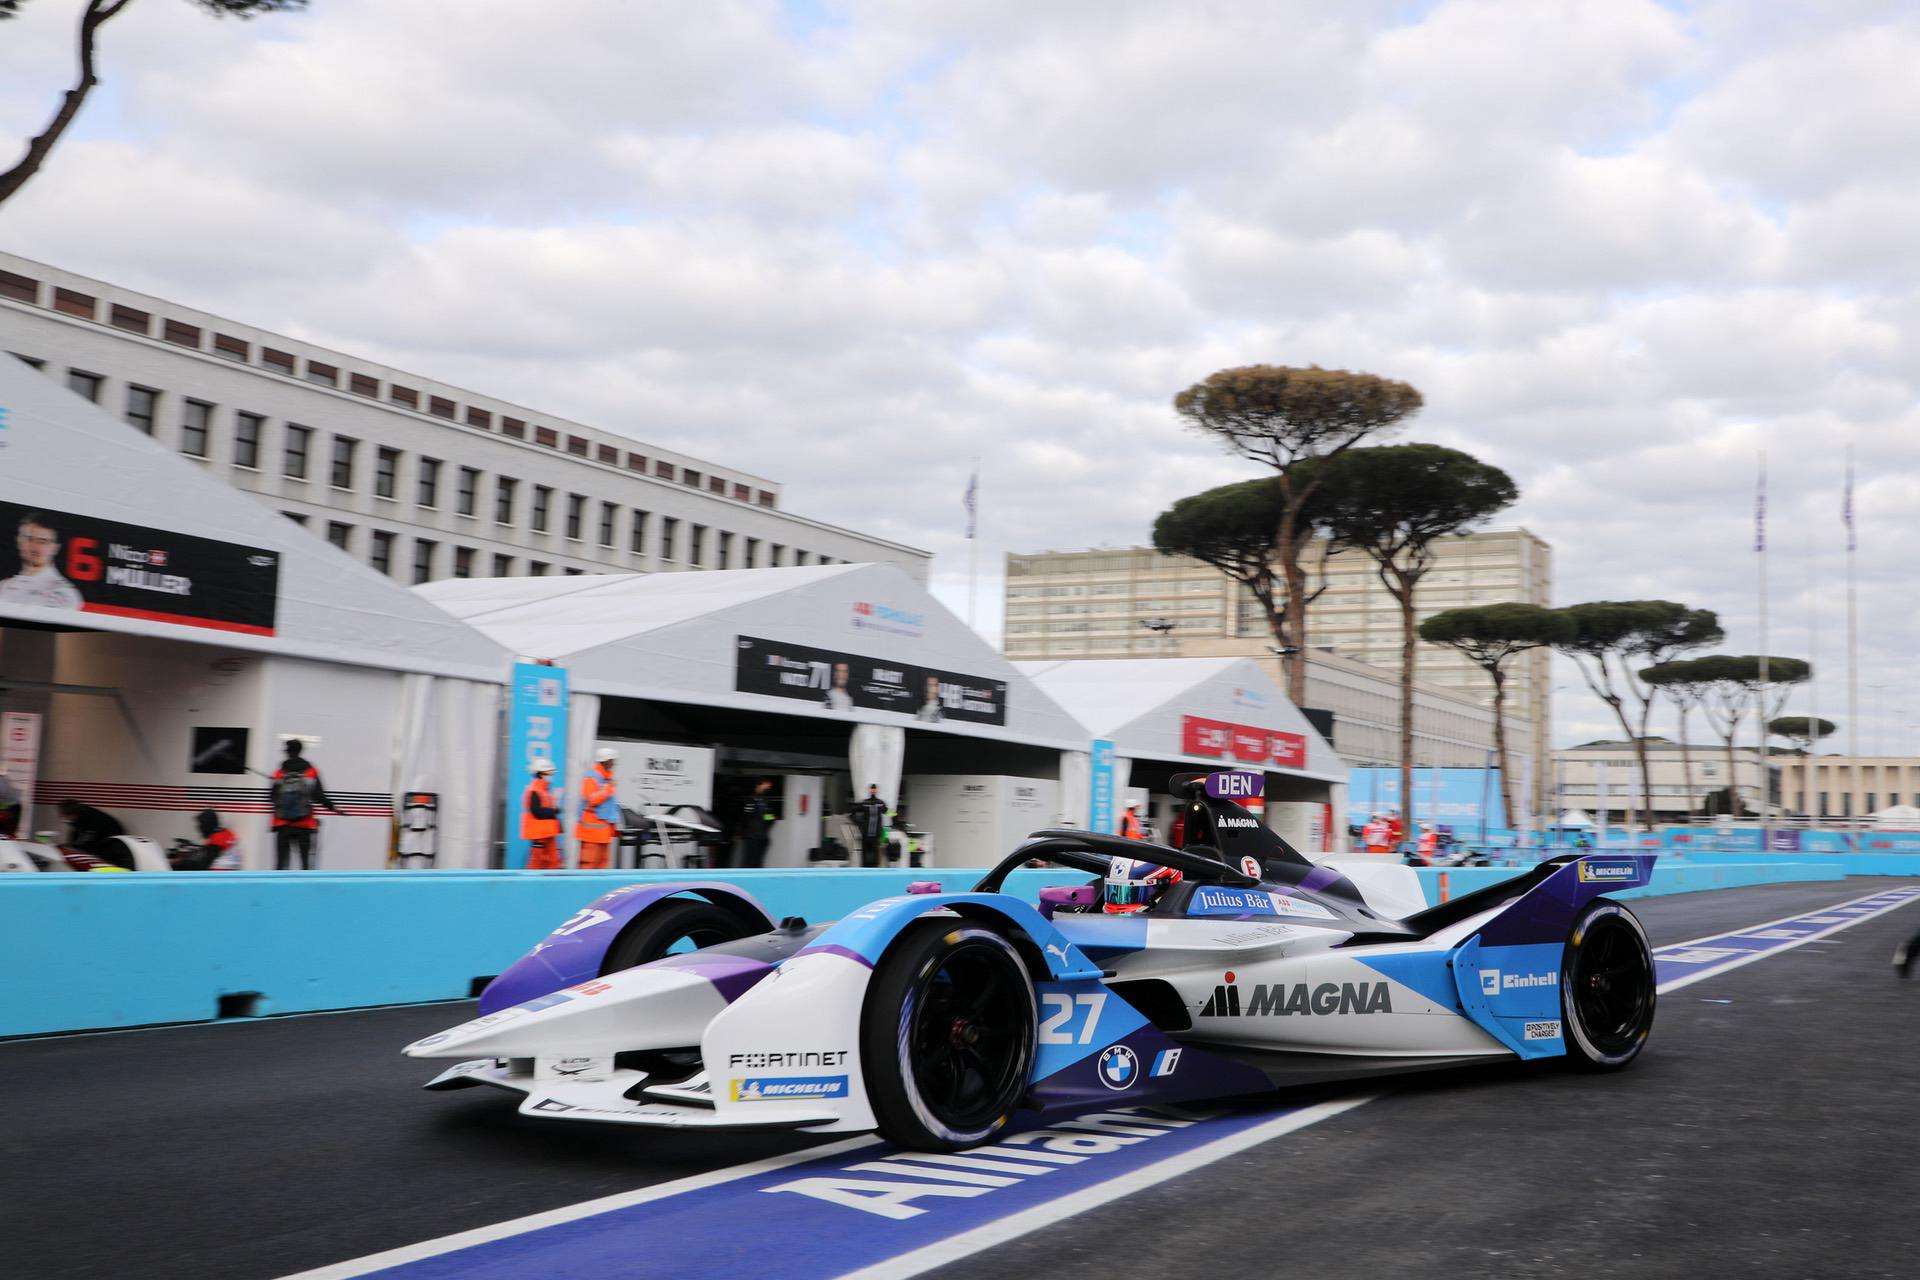 BMW i Formula E Team scores fifth place at the Rome E-Prix